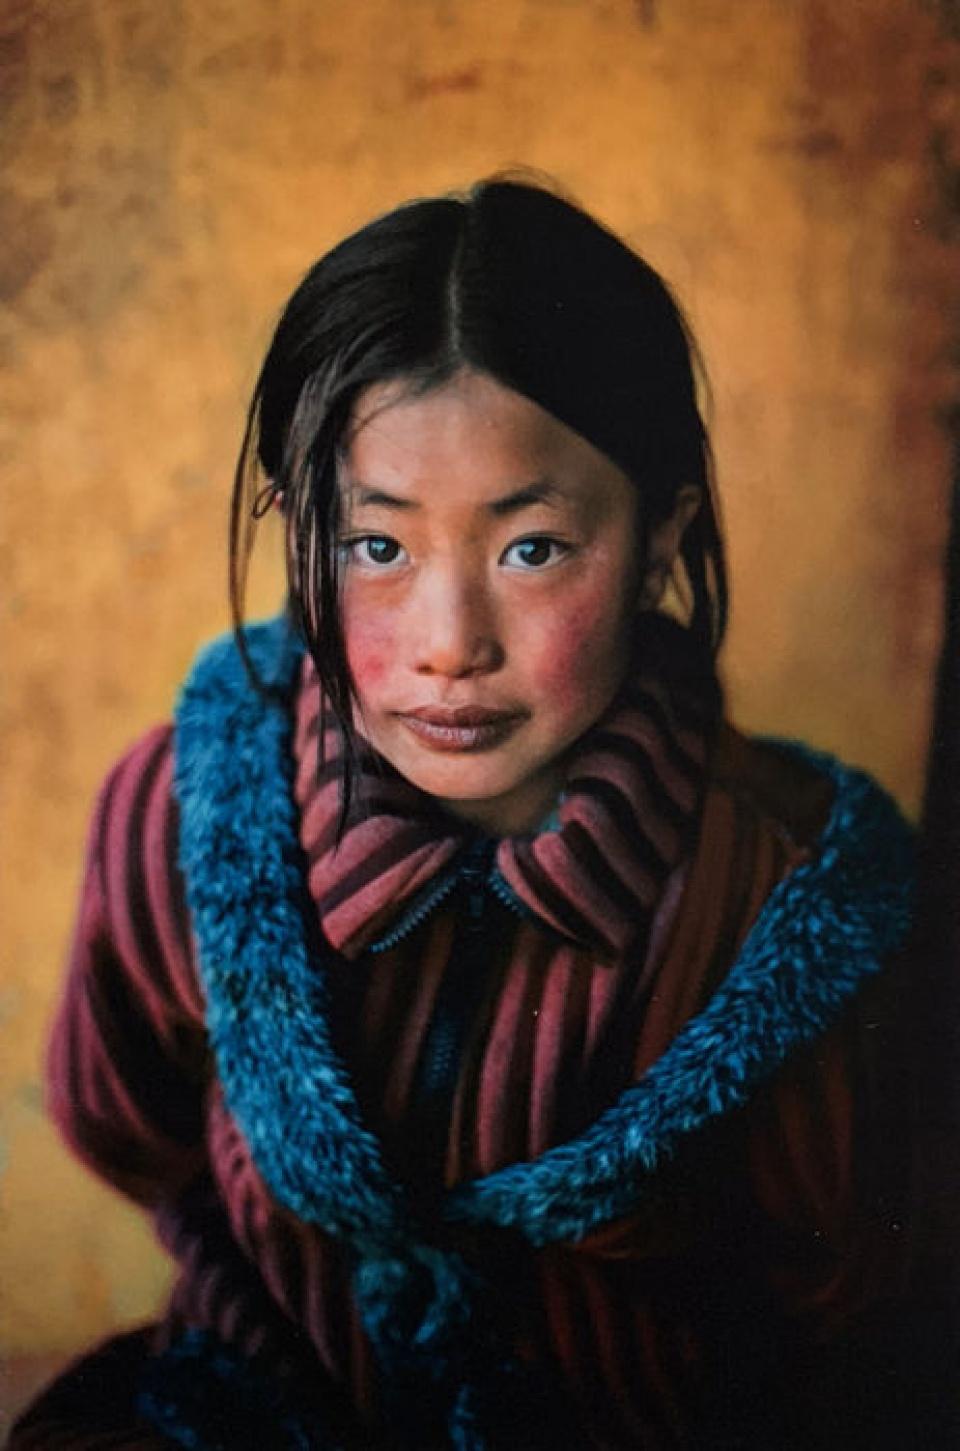 Steve McCurry. Girl in a Chinese Coat, Xingazê, Tibet, 2001